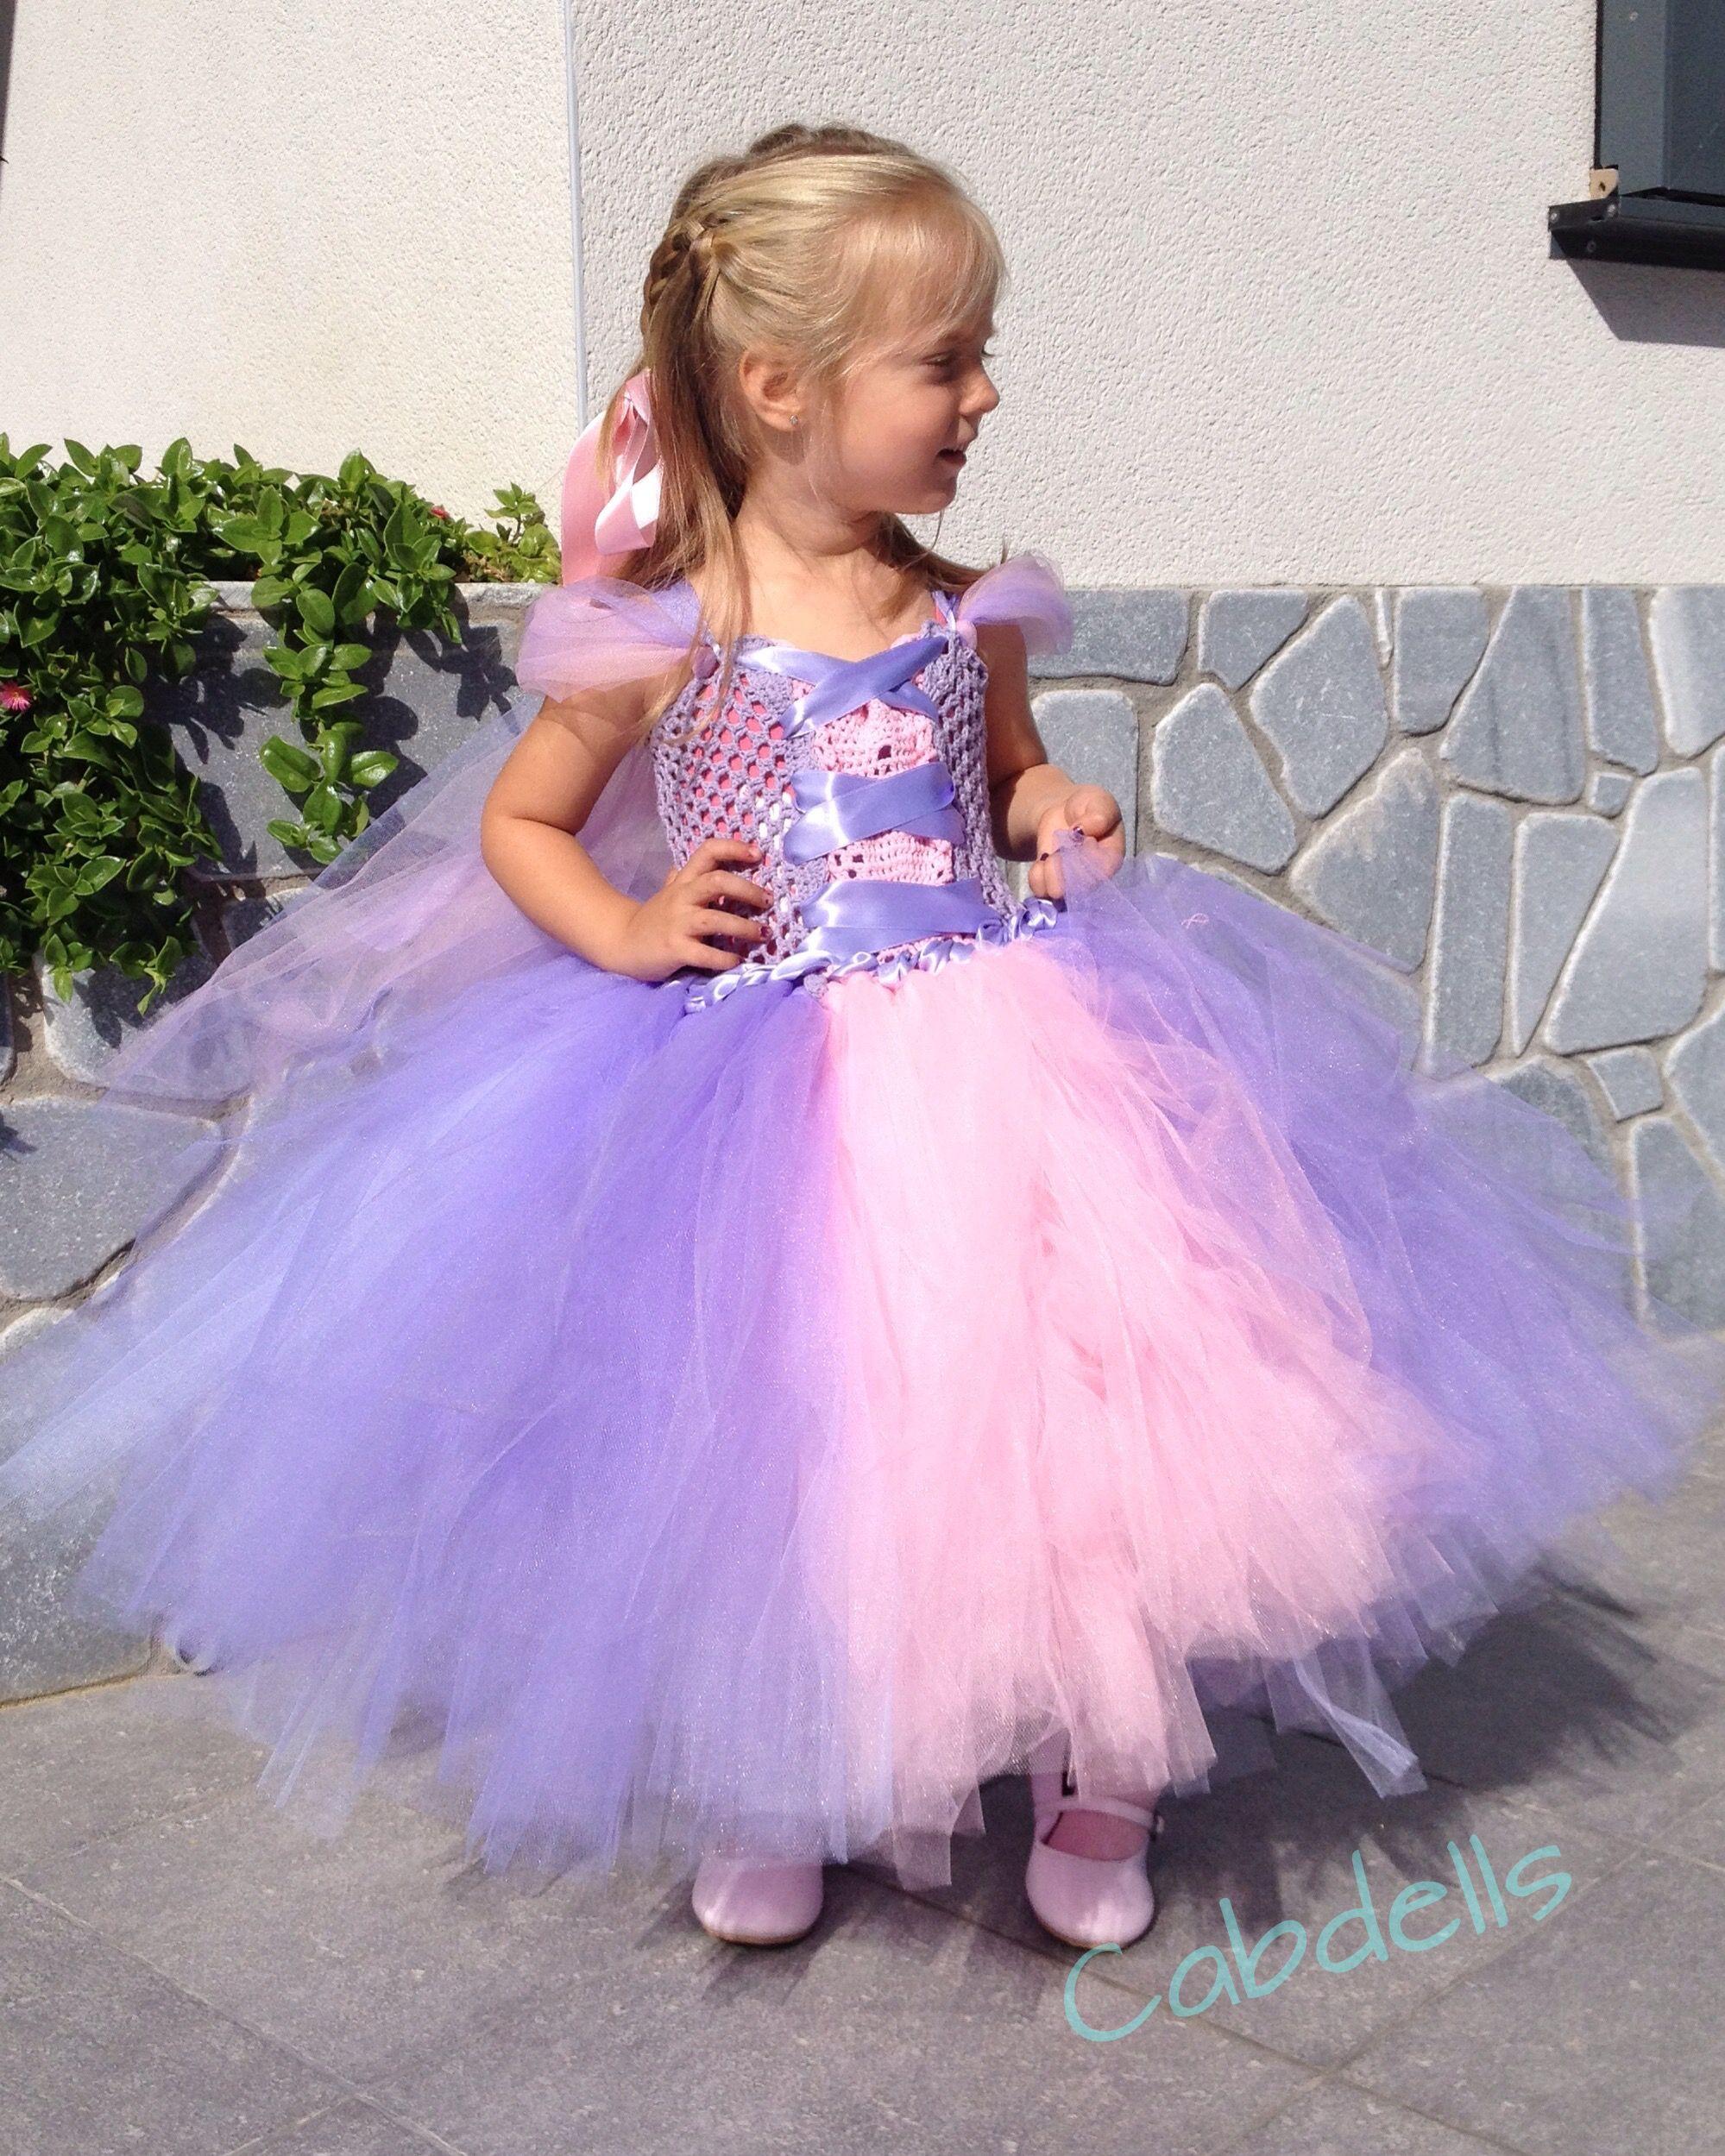 884dbf8b1 Disfraz de princesa Rapunzel con falda de tul.